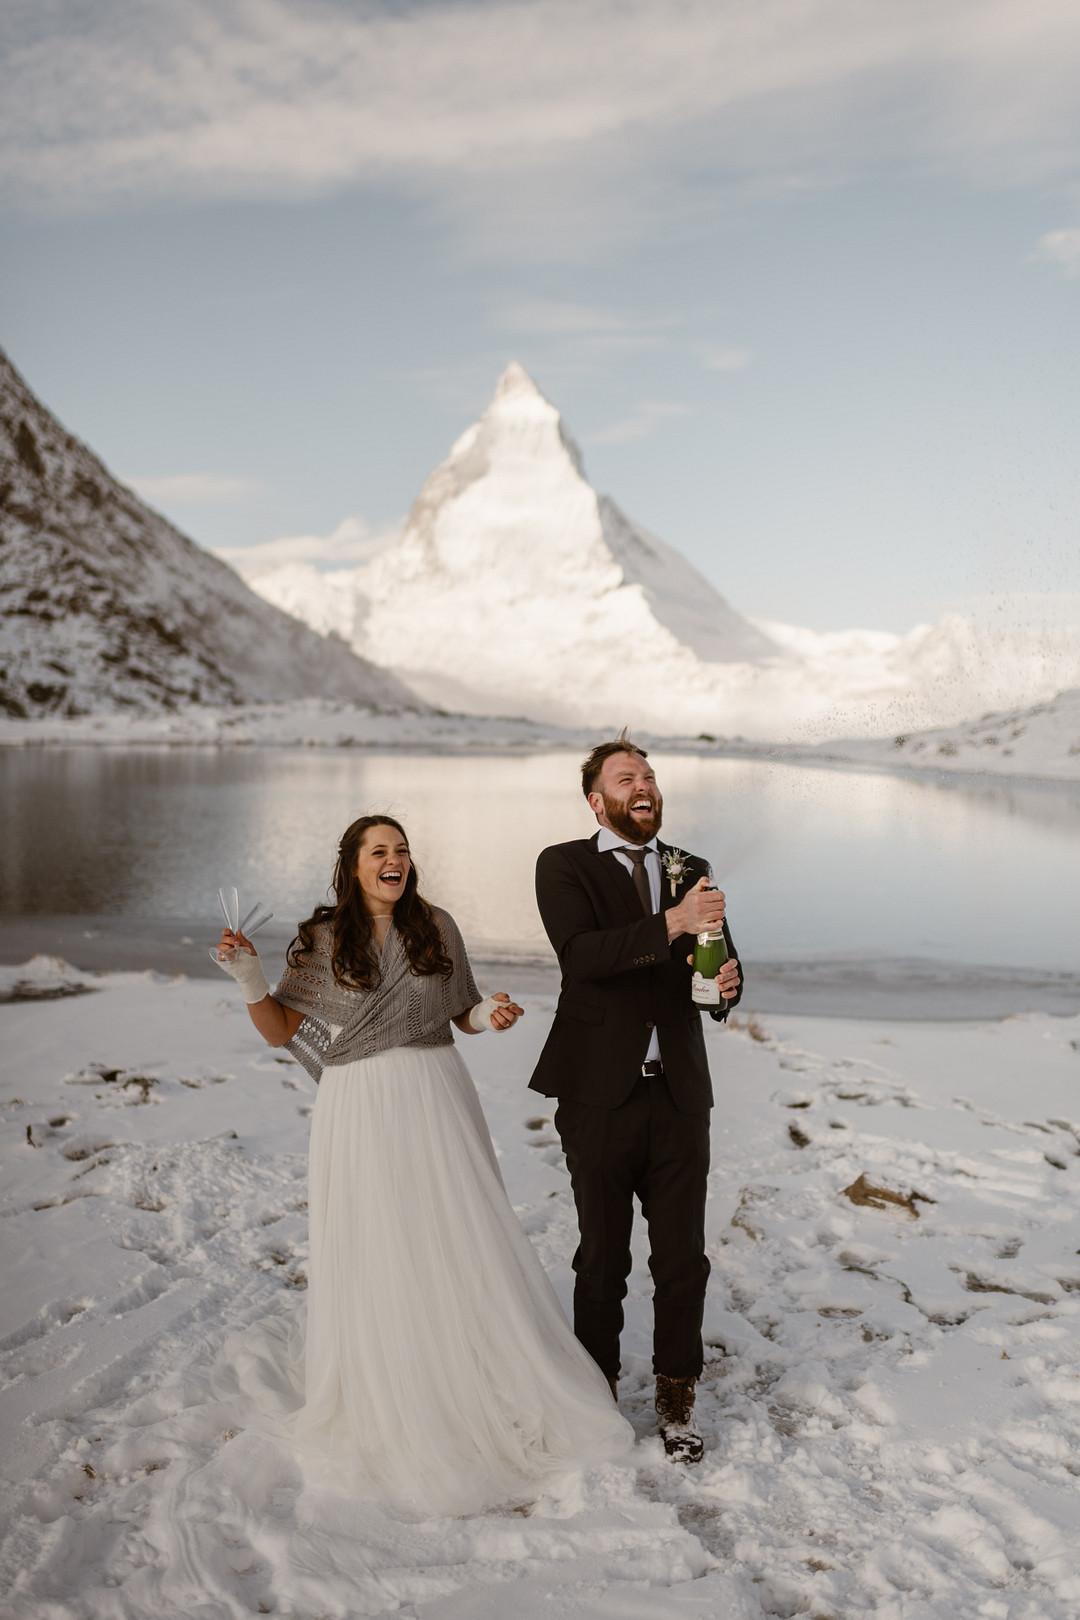 Adventurous Elopement at the Matterhorn